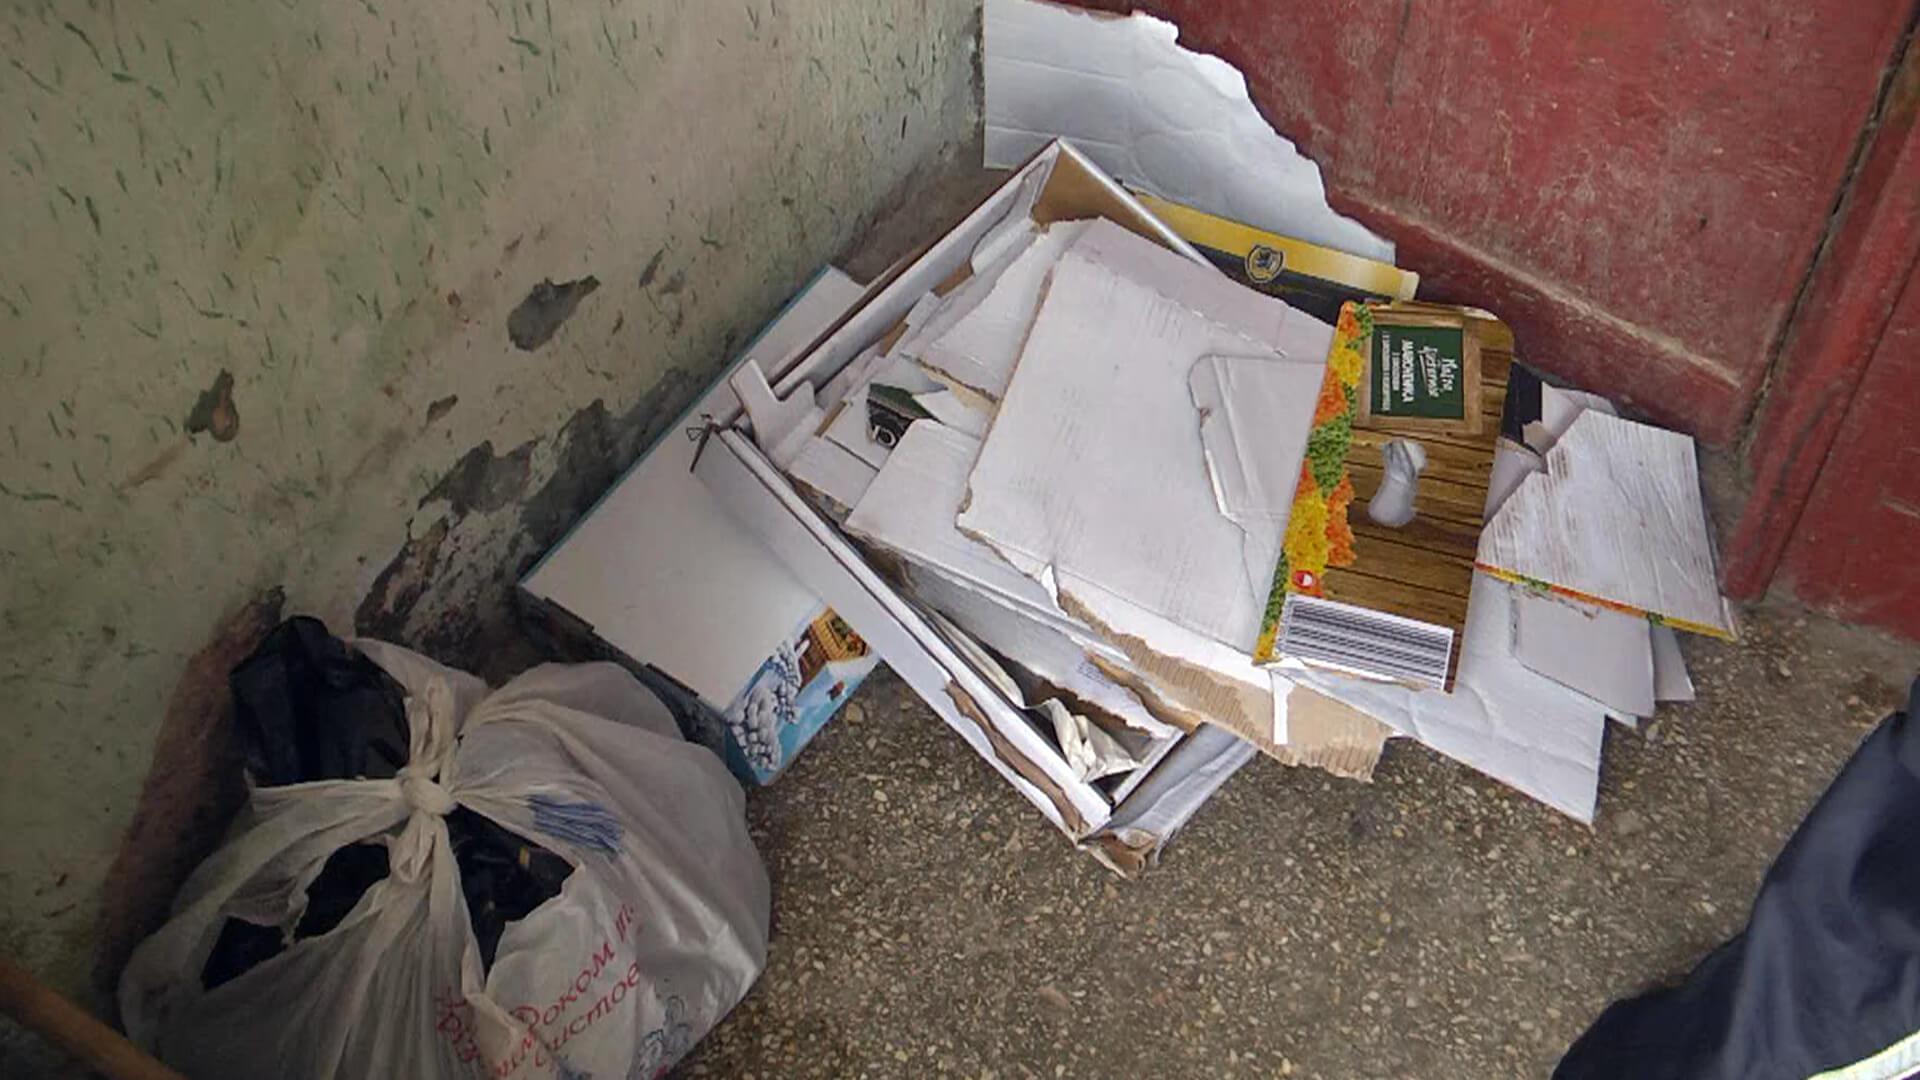 Коломиянка понад 10 років зносить у свою квартиру сміття. Сусіди б'ють на сполох (ВІДЕО)